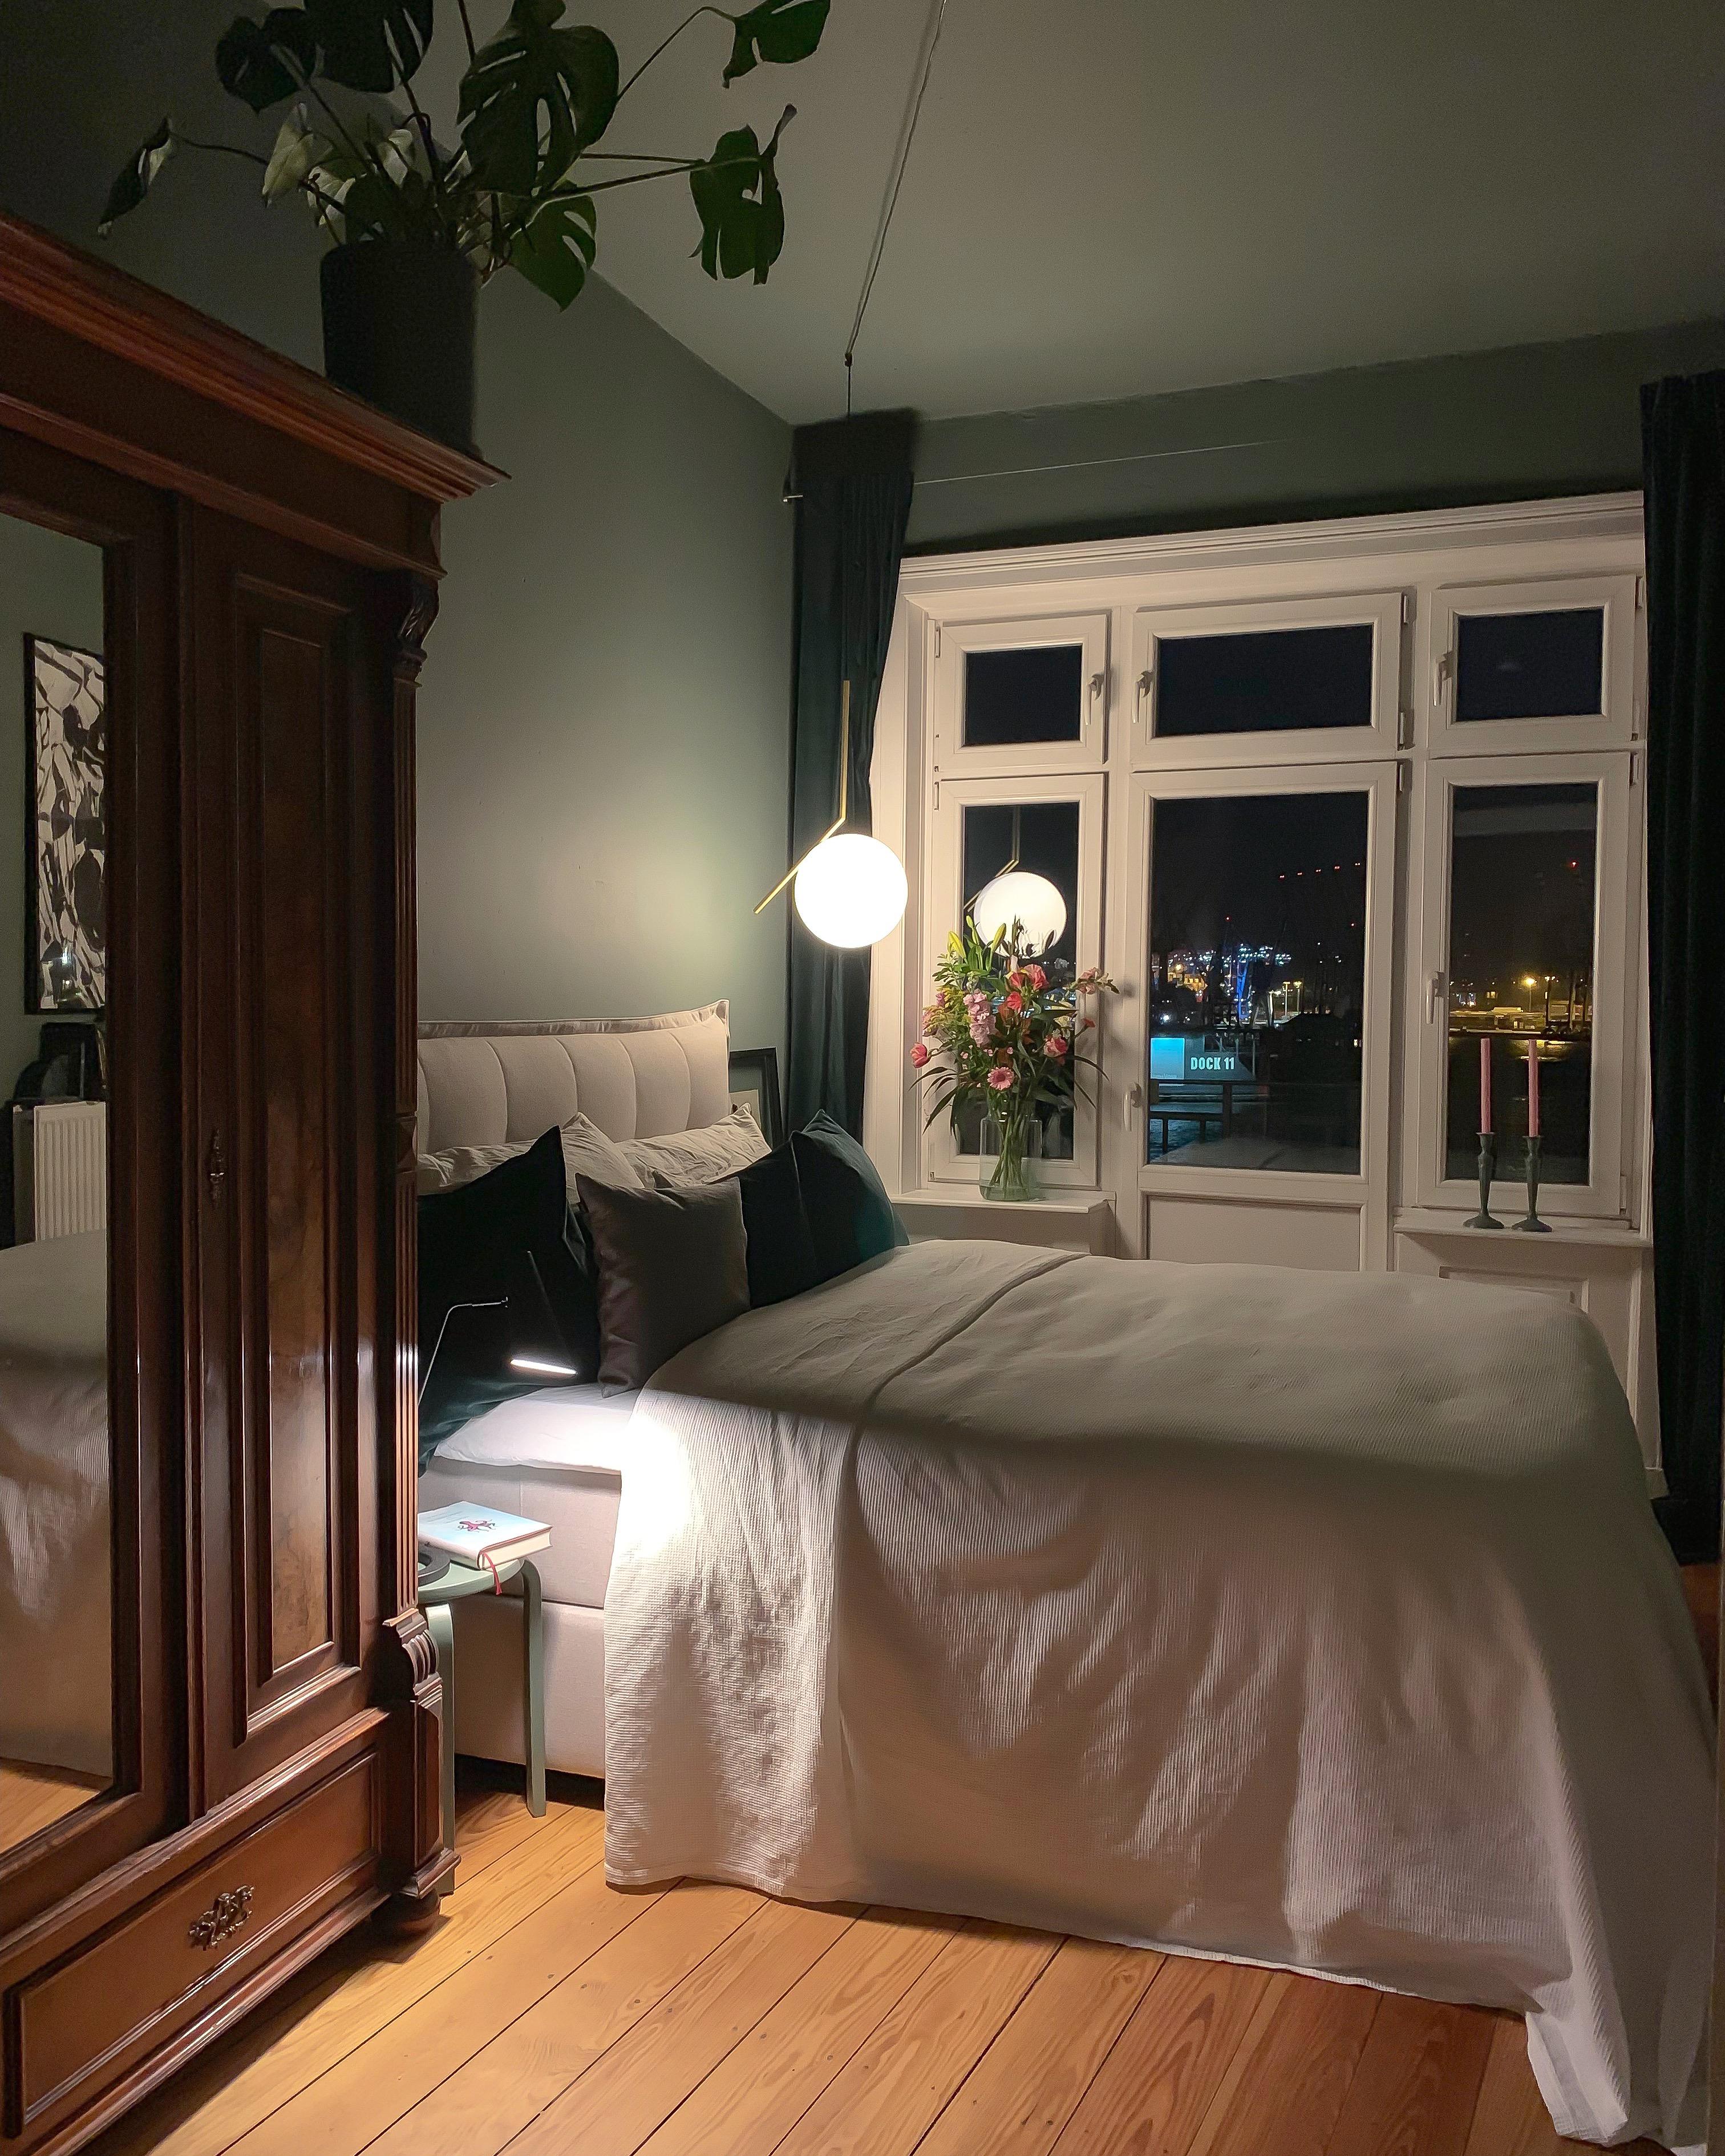 Farbe in der Wohnung - ein paar Tipps zur Auswahl der richtigen ...